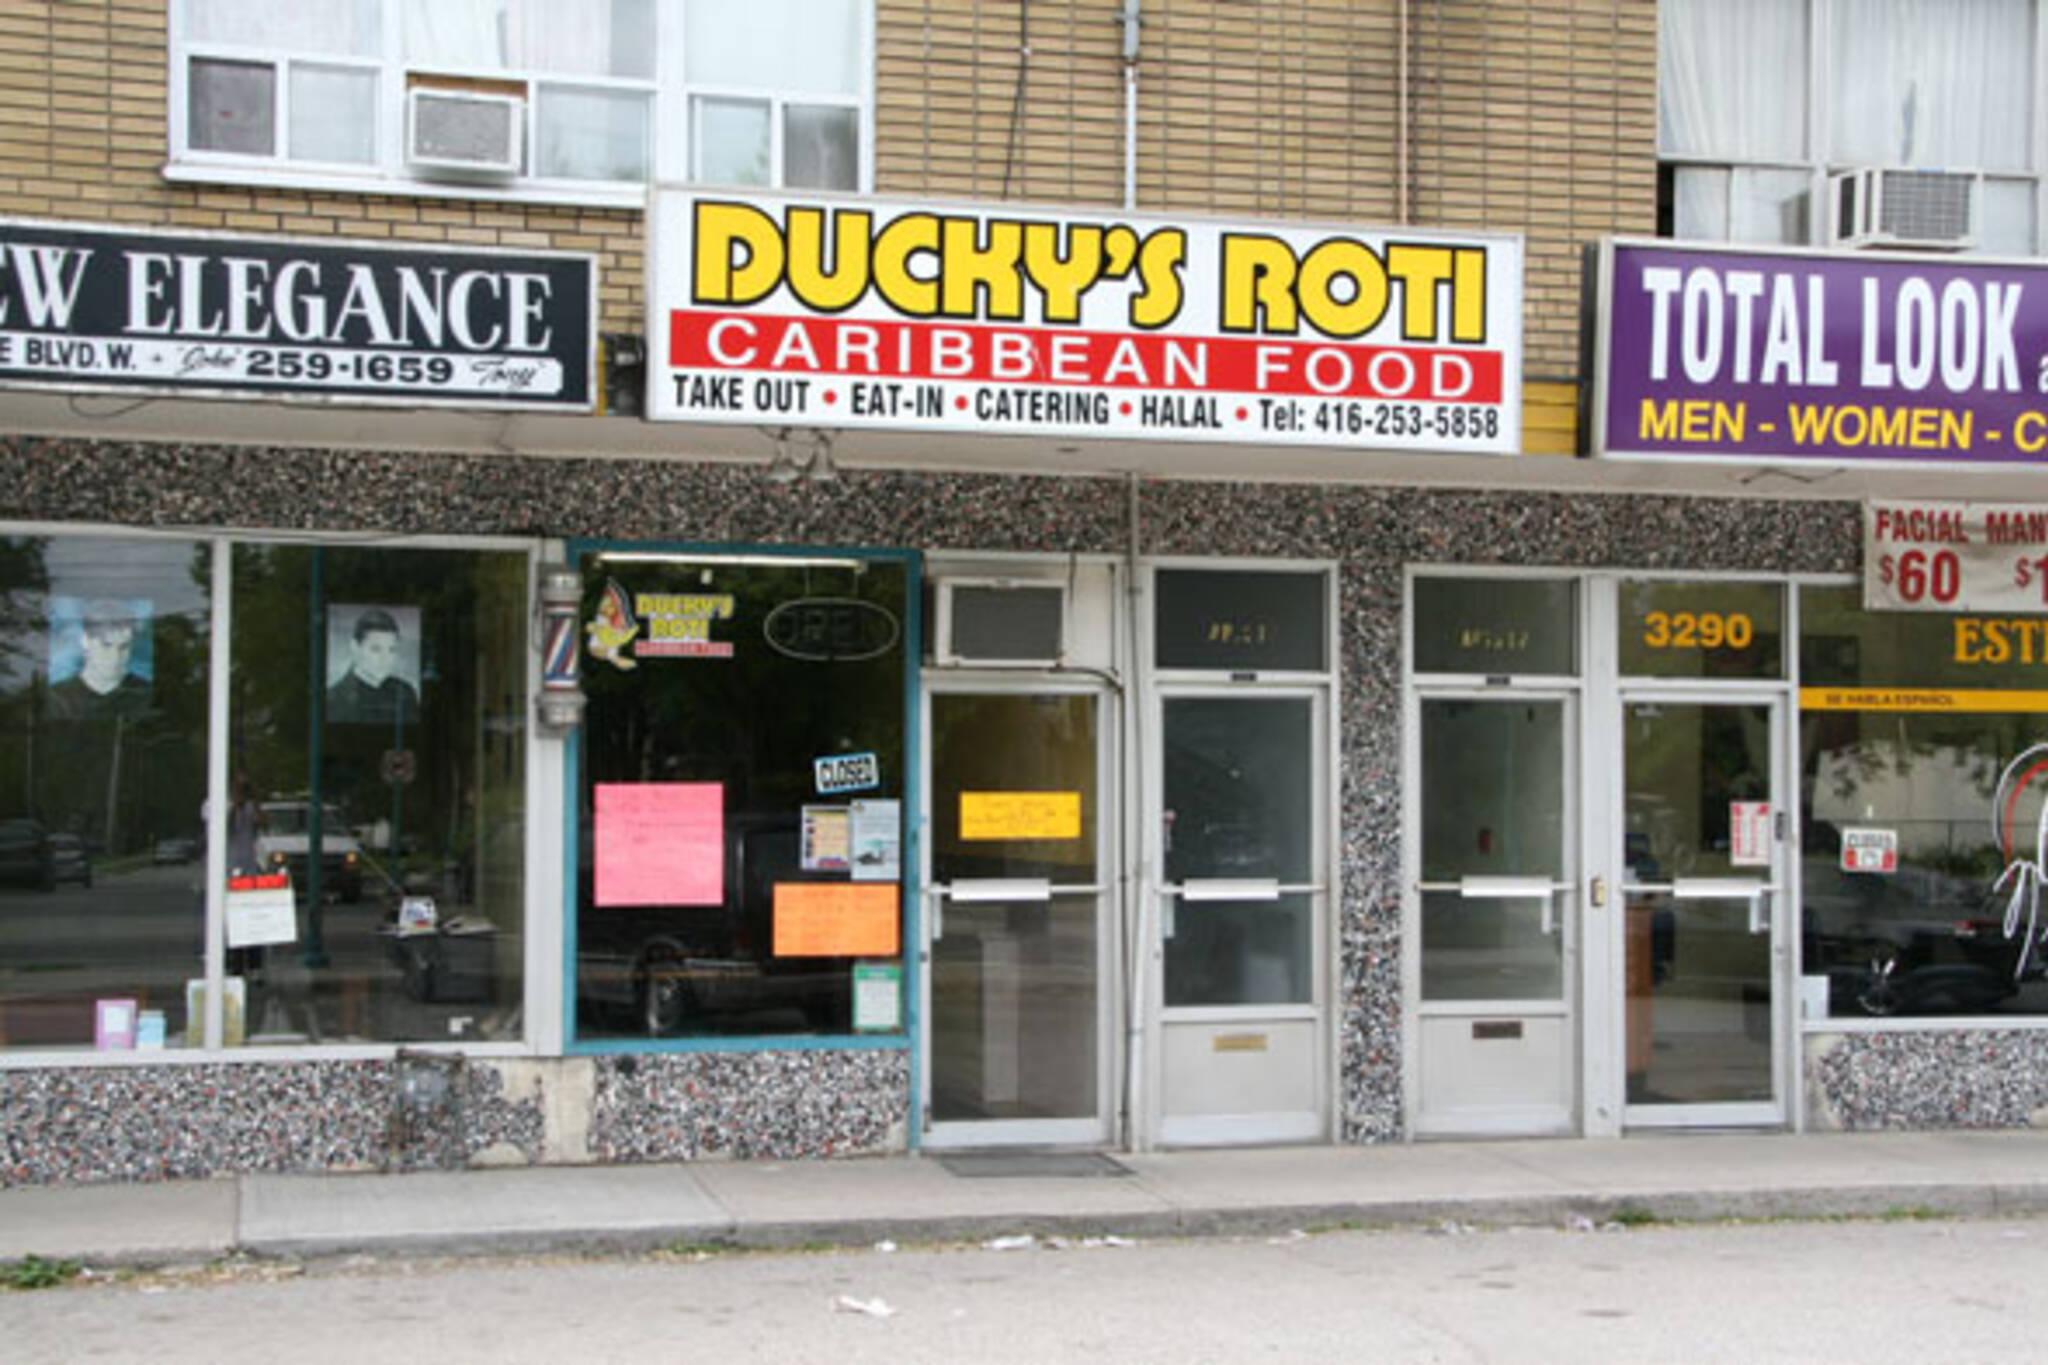 Ducky's Roti Toronto